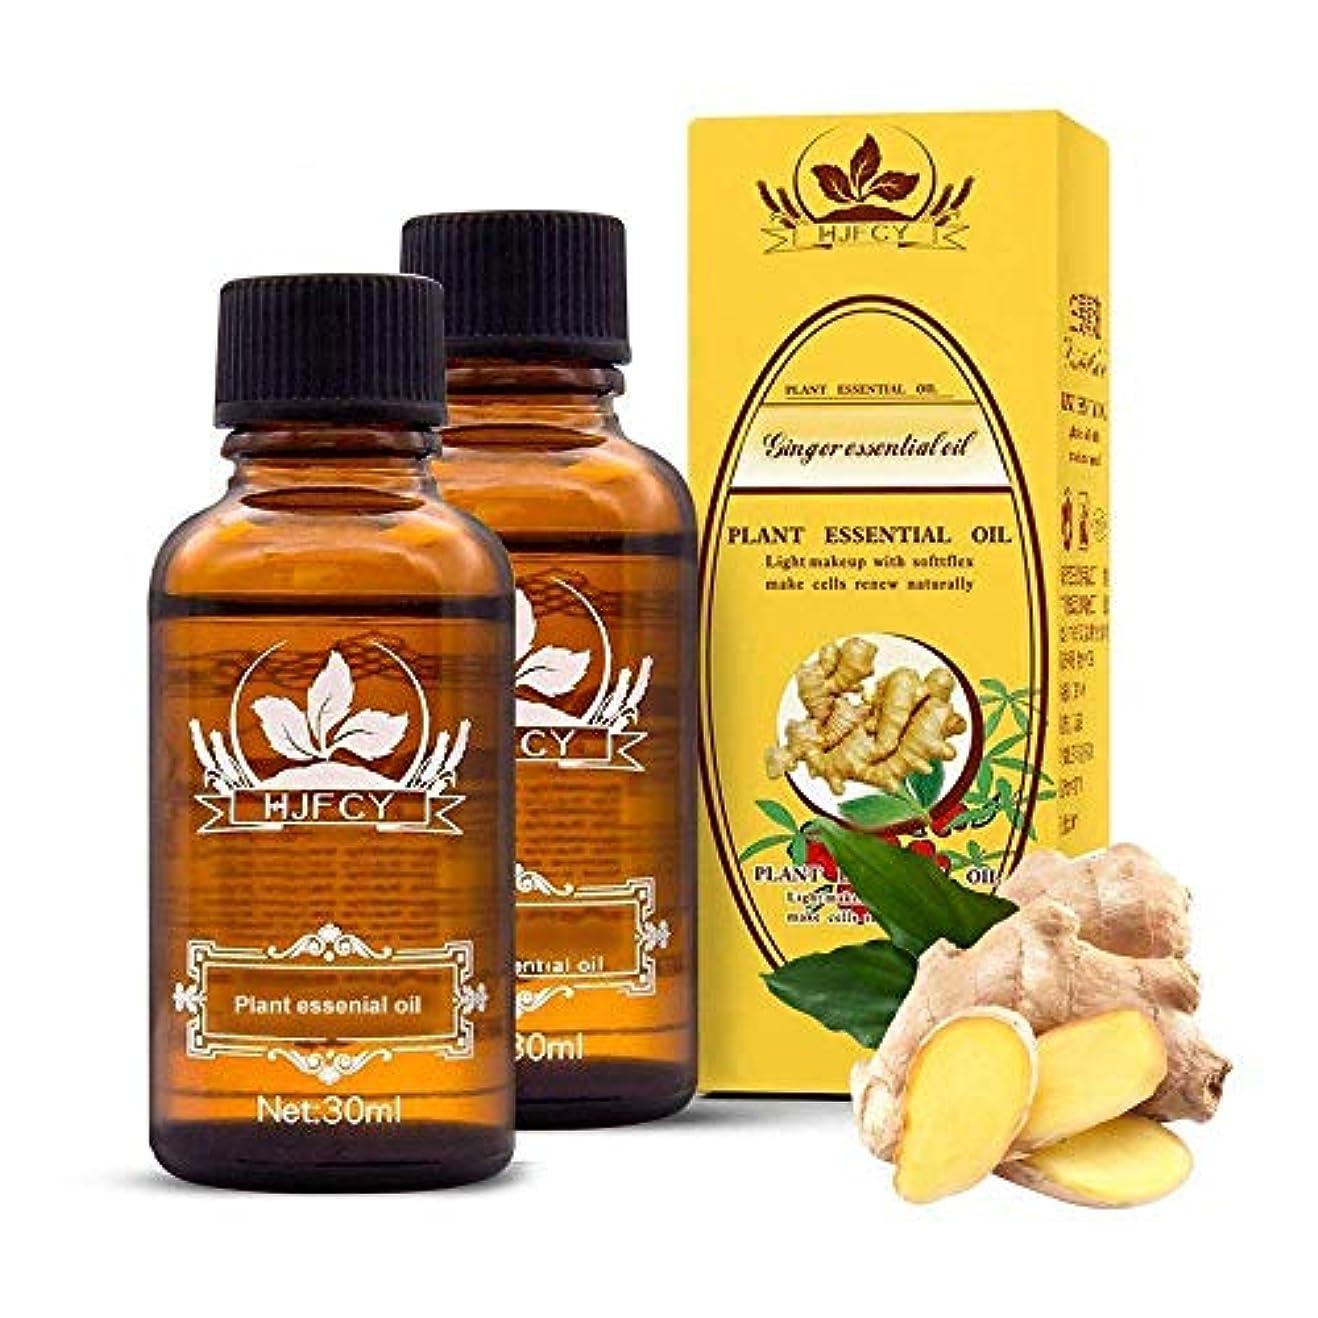 受動的役割さておきジンジャーオイル、ジンジャーエッセンシャルオイル、マッサージオイル、植物エッセンシャルオイル、100%ピュアナチュラルジンジャーエッセンシャルオイル